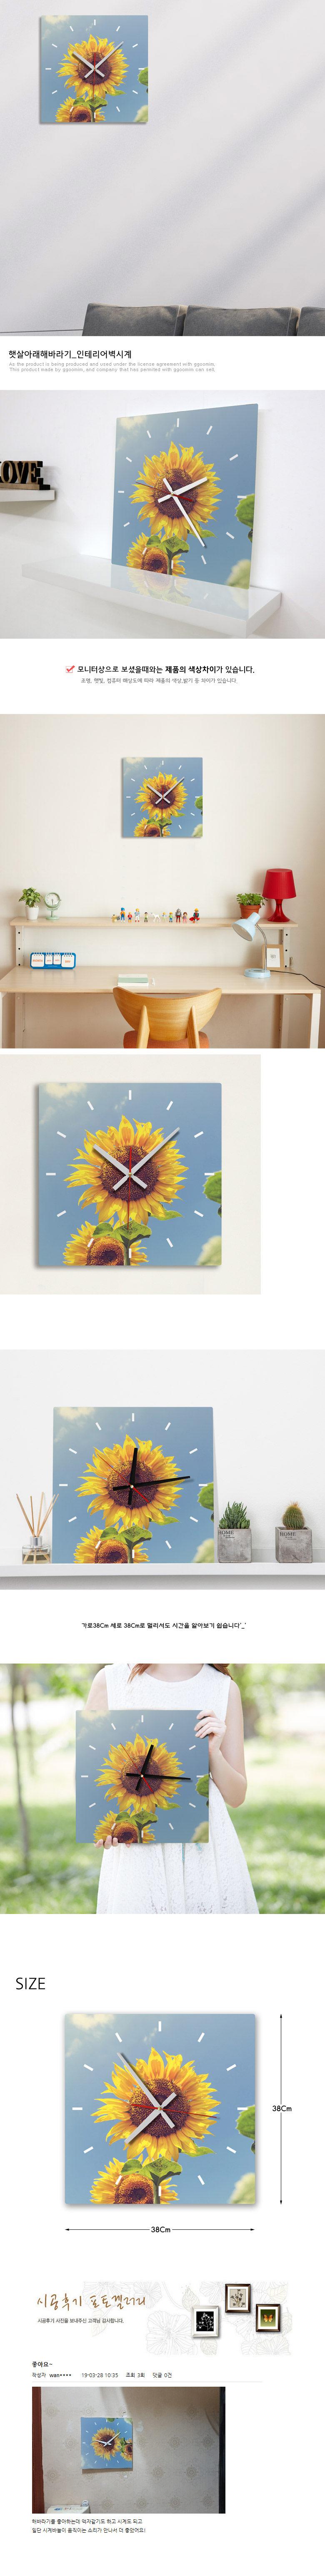 cg059-햇살아래해바라기_인테리어벽시계 - 꾸밈, 22,400원, 벽시계, 무소음/저소음